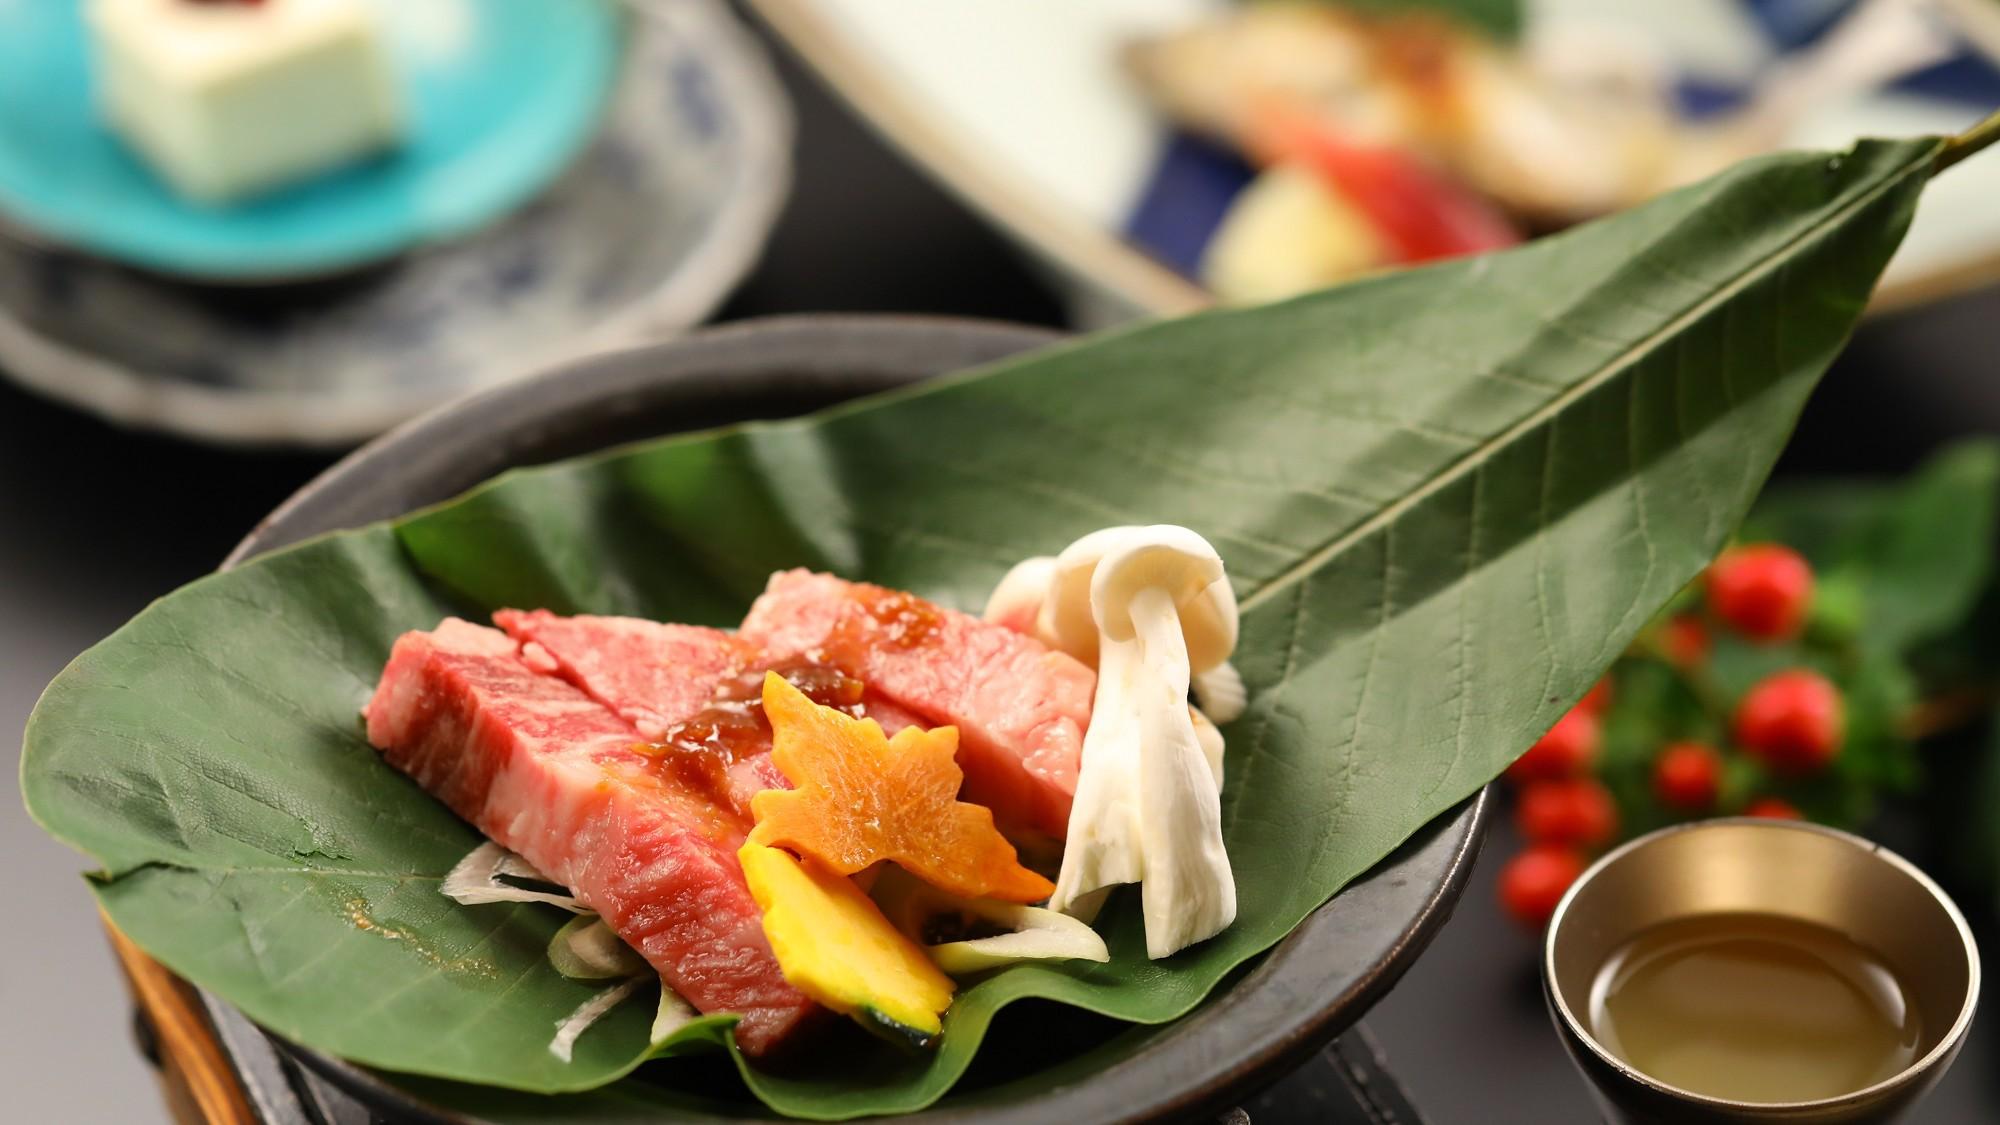 【彩 いろどり】信州の恵みたっぷり四季折々のお料理をお楽しみください